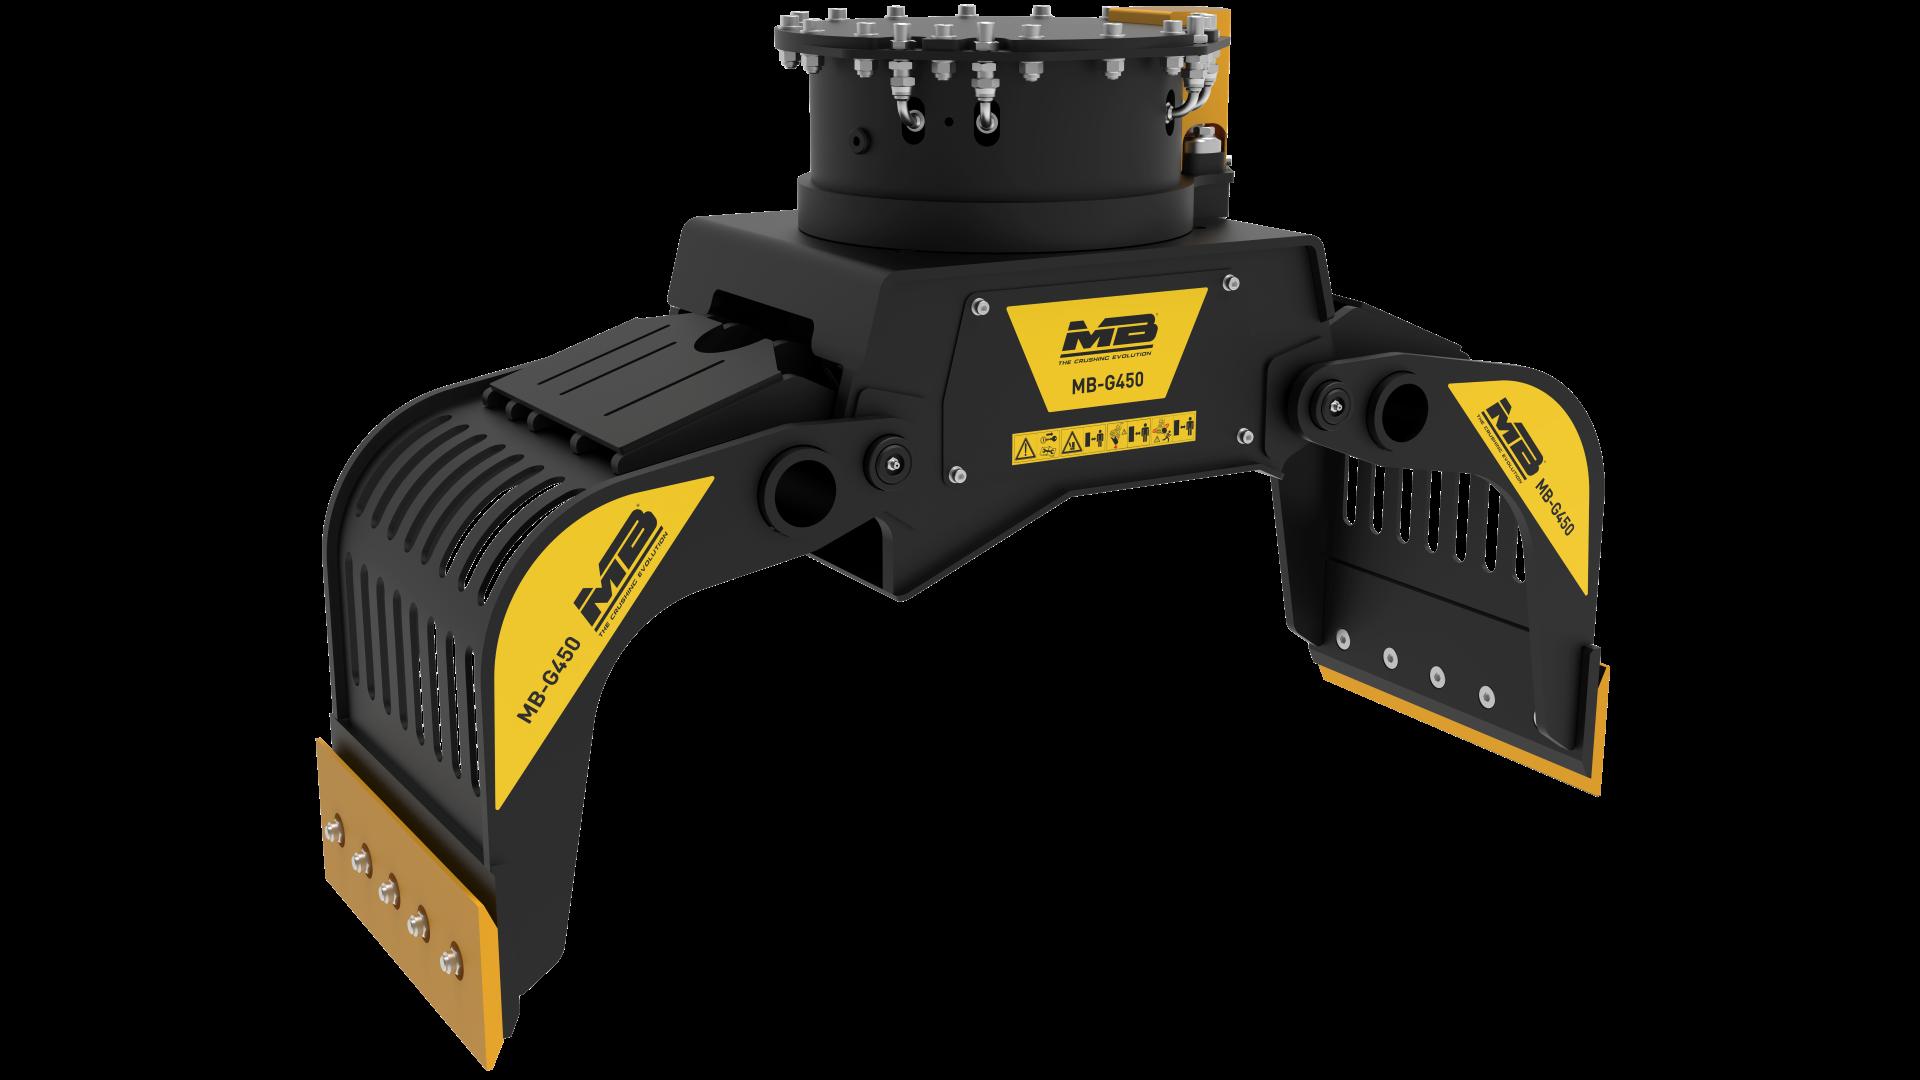 MB-G450 MB Crusher